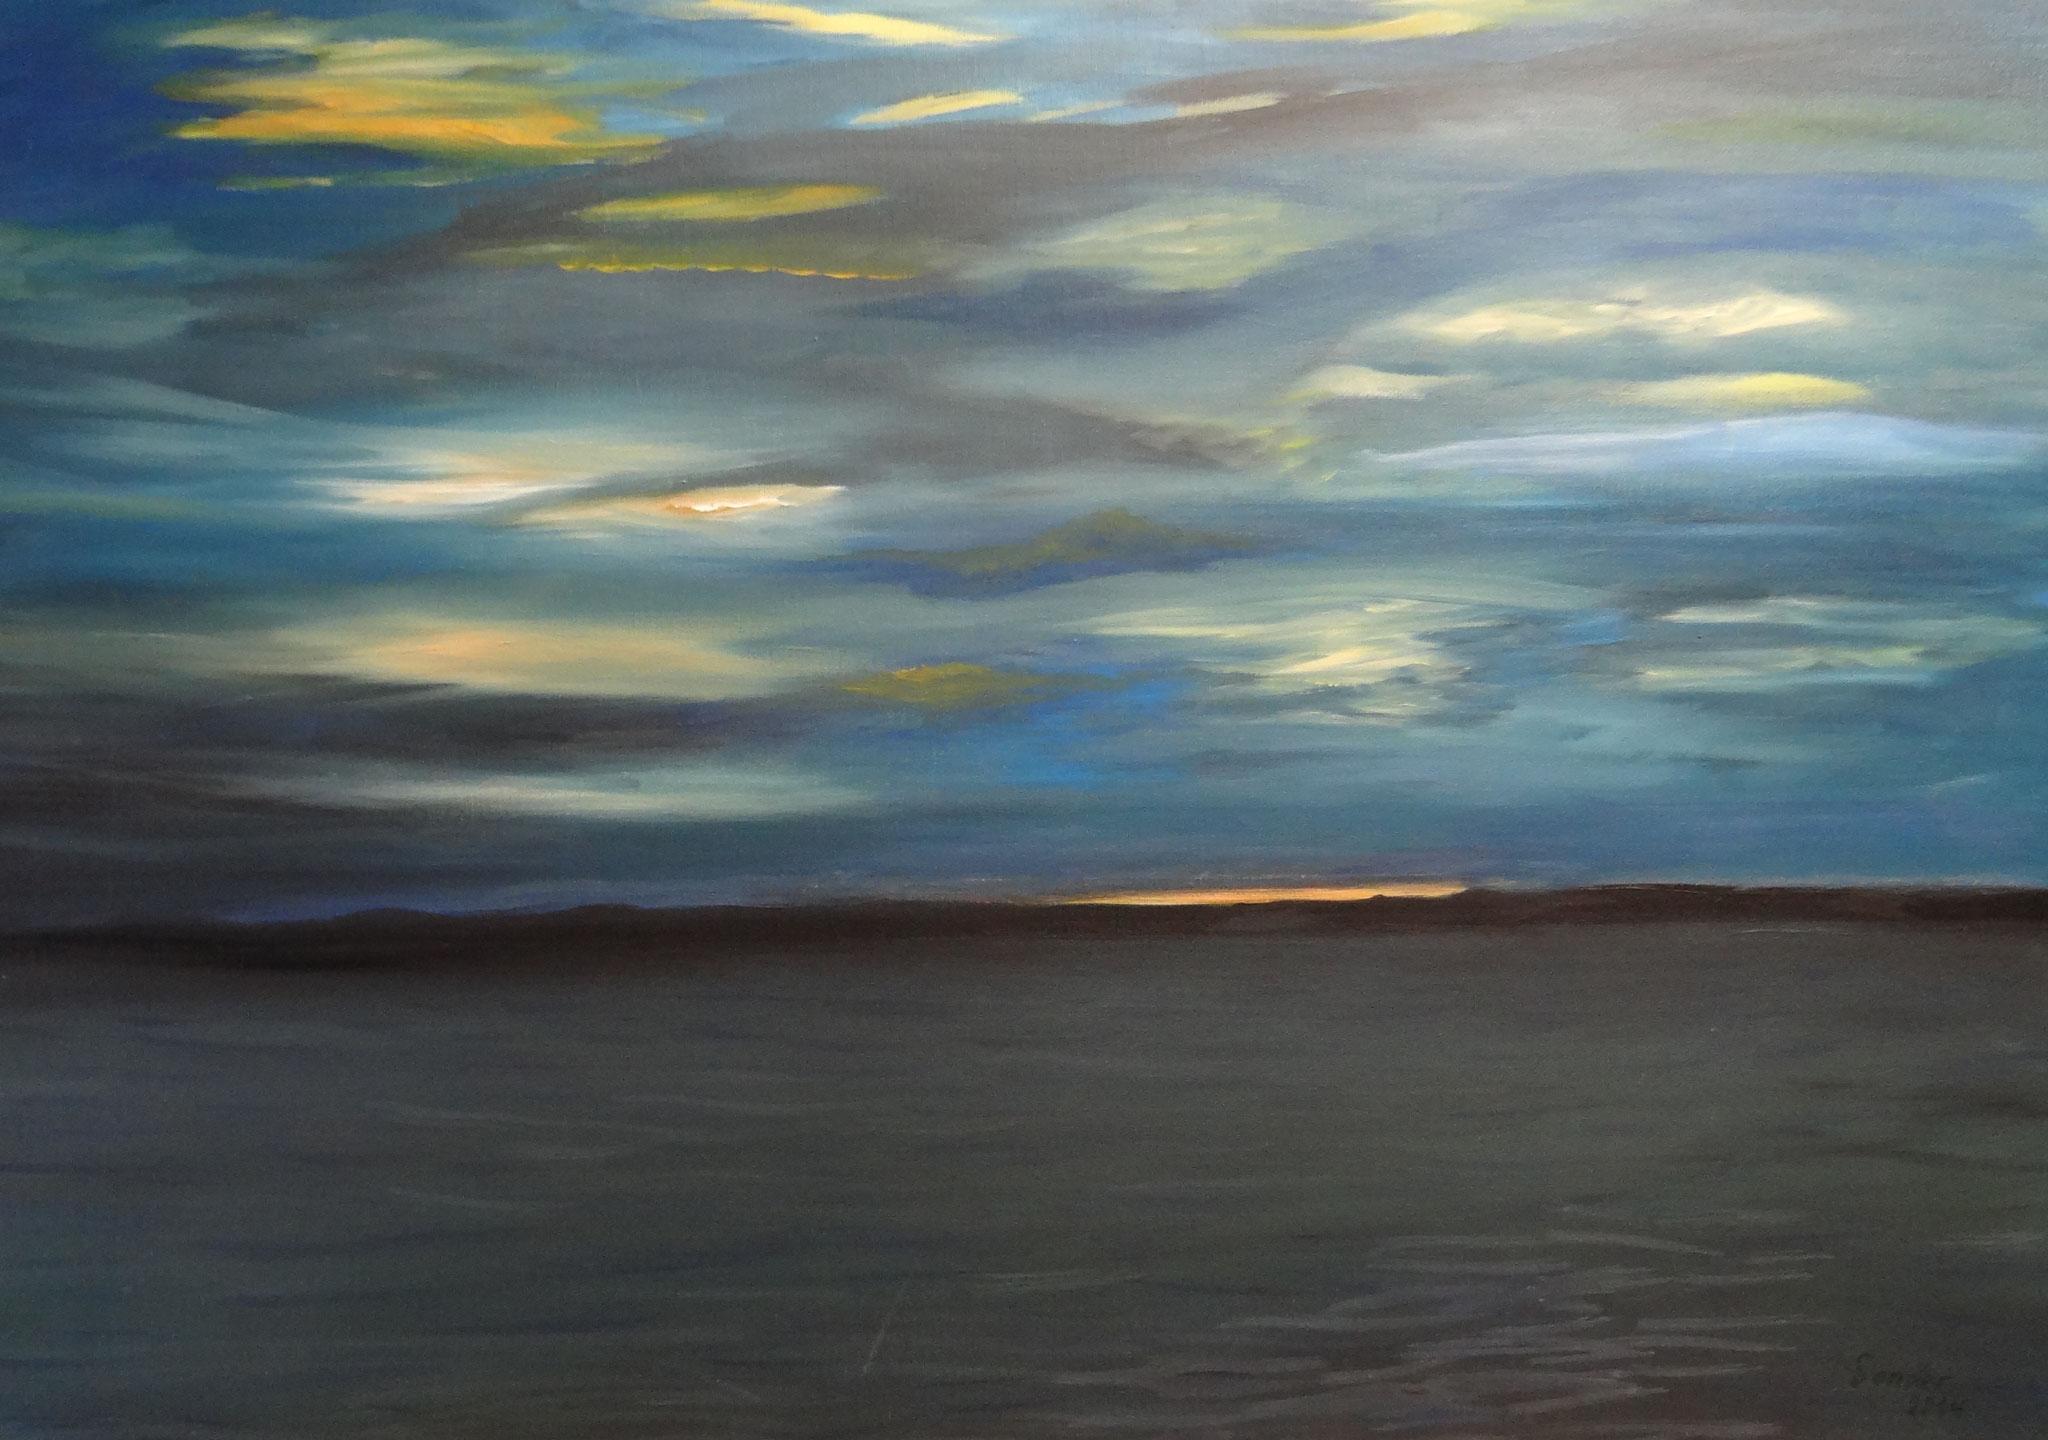 Ostsee 2, 70 x 50 cm, Ölfarben auf Malkarton, signiert und datiert 2014